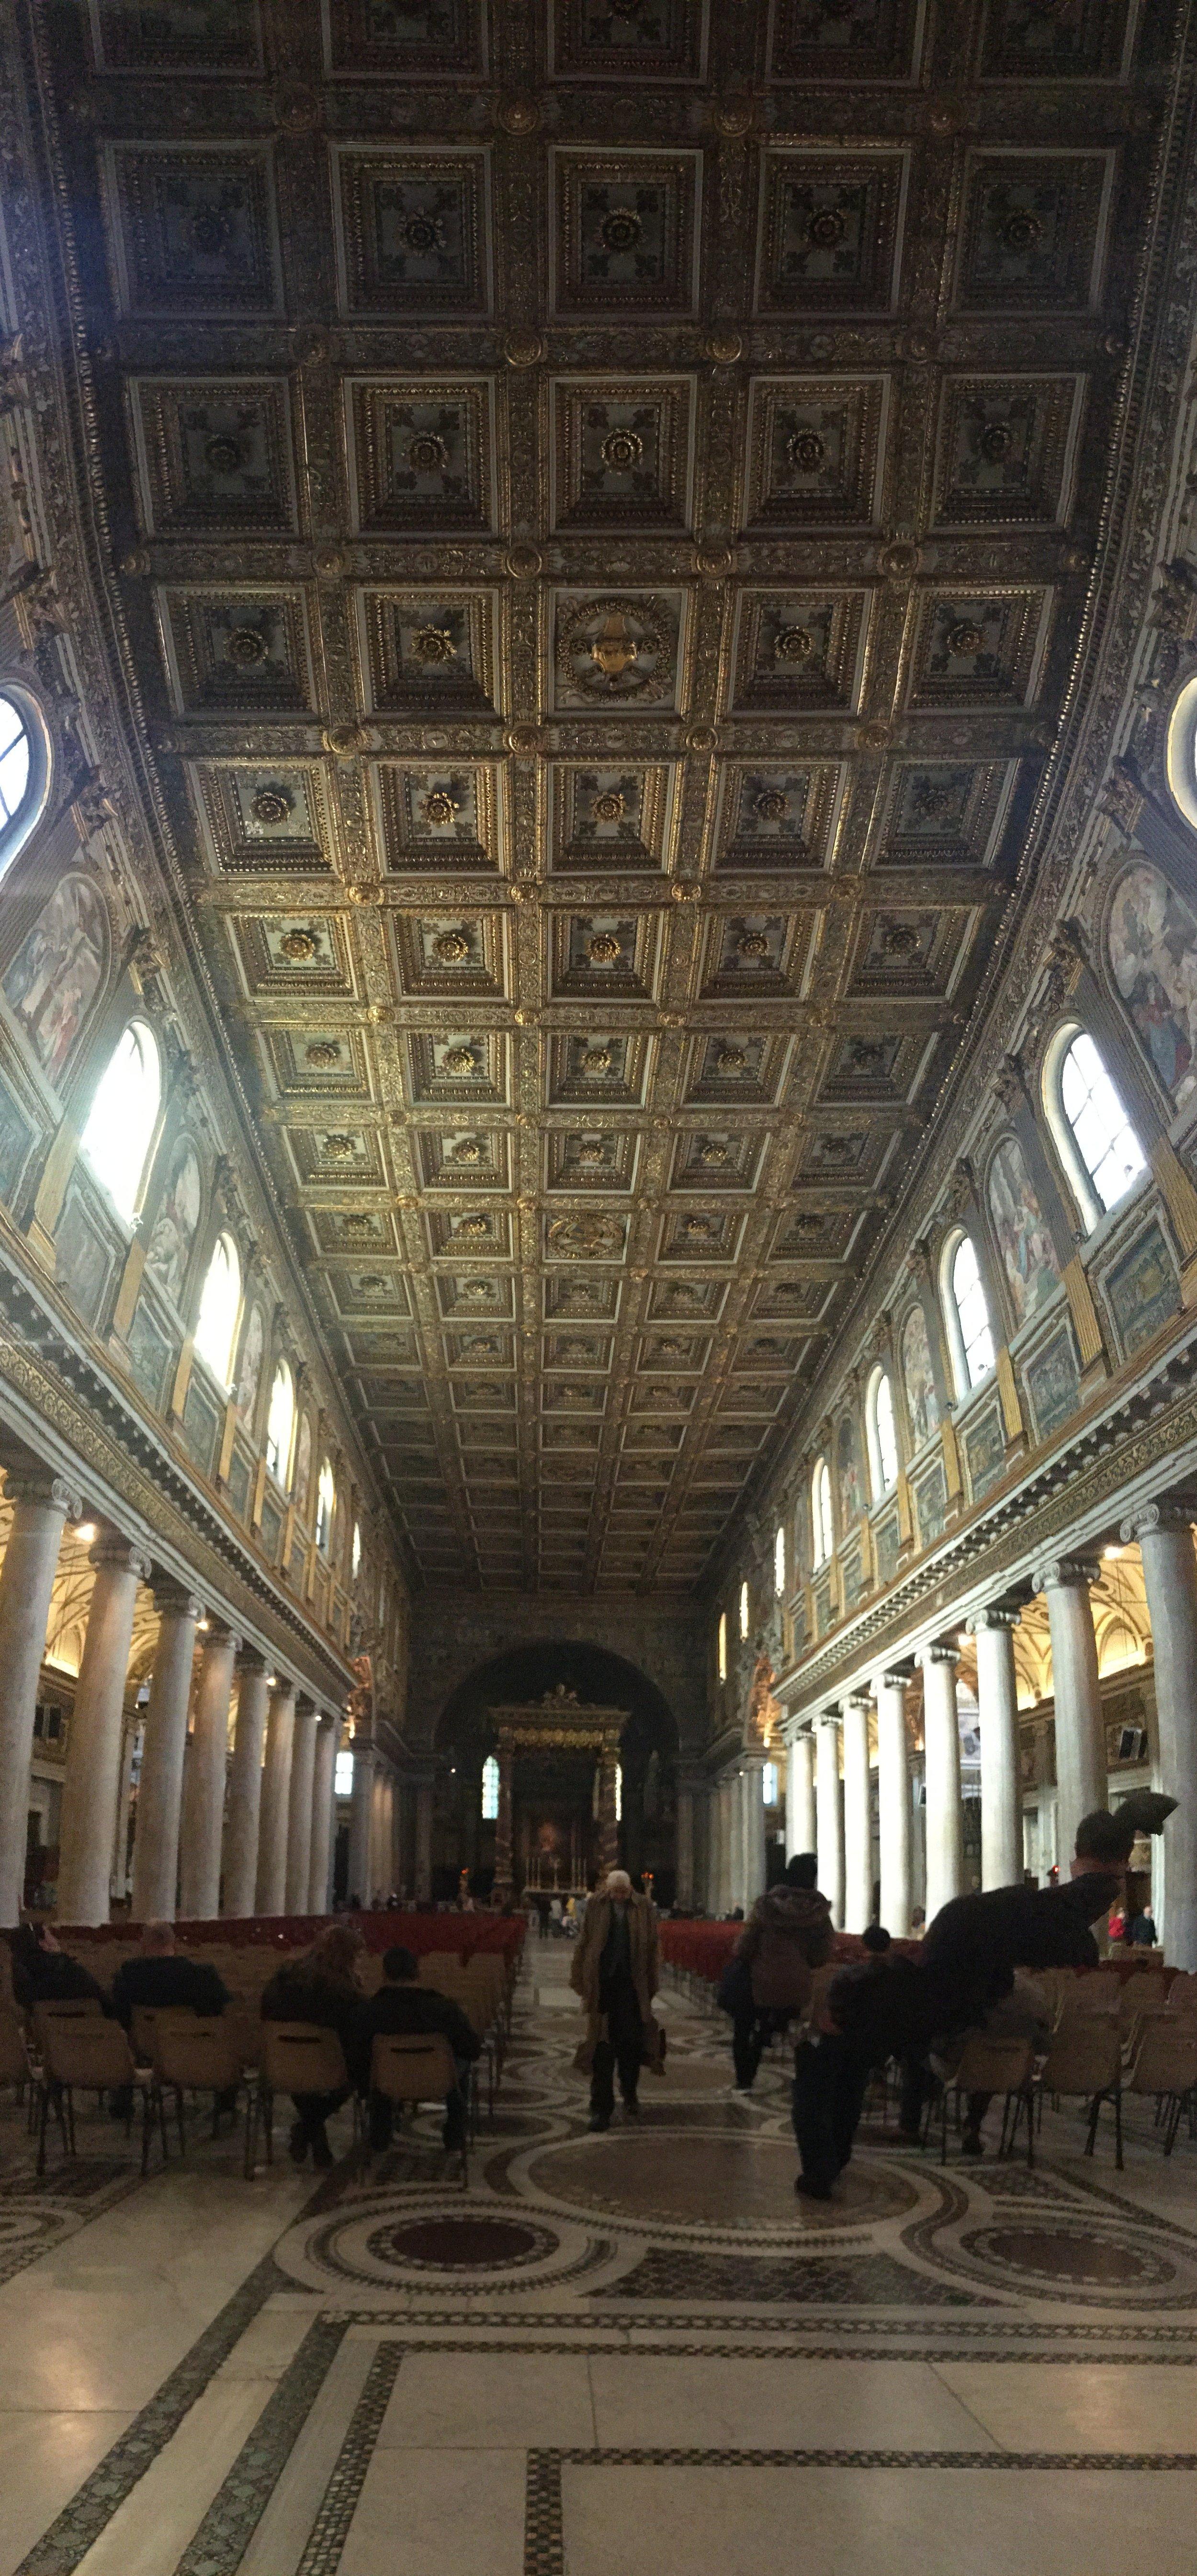 Uma panorâmica vertical da nave da Santa Maria Maggiore. Foi engraçado porque eu entrei e imediatamente o trabalho do teto tirou a minha atenção do resto. Fiquei olhando pra cima maravilhada e com a boca aberta por um bom tempo. E nem era a  Capella Sistina , heim? Achei incrível!